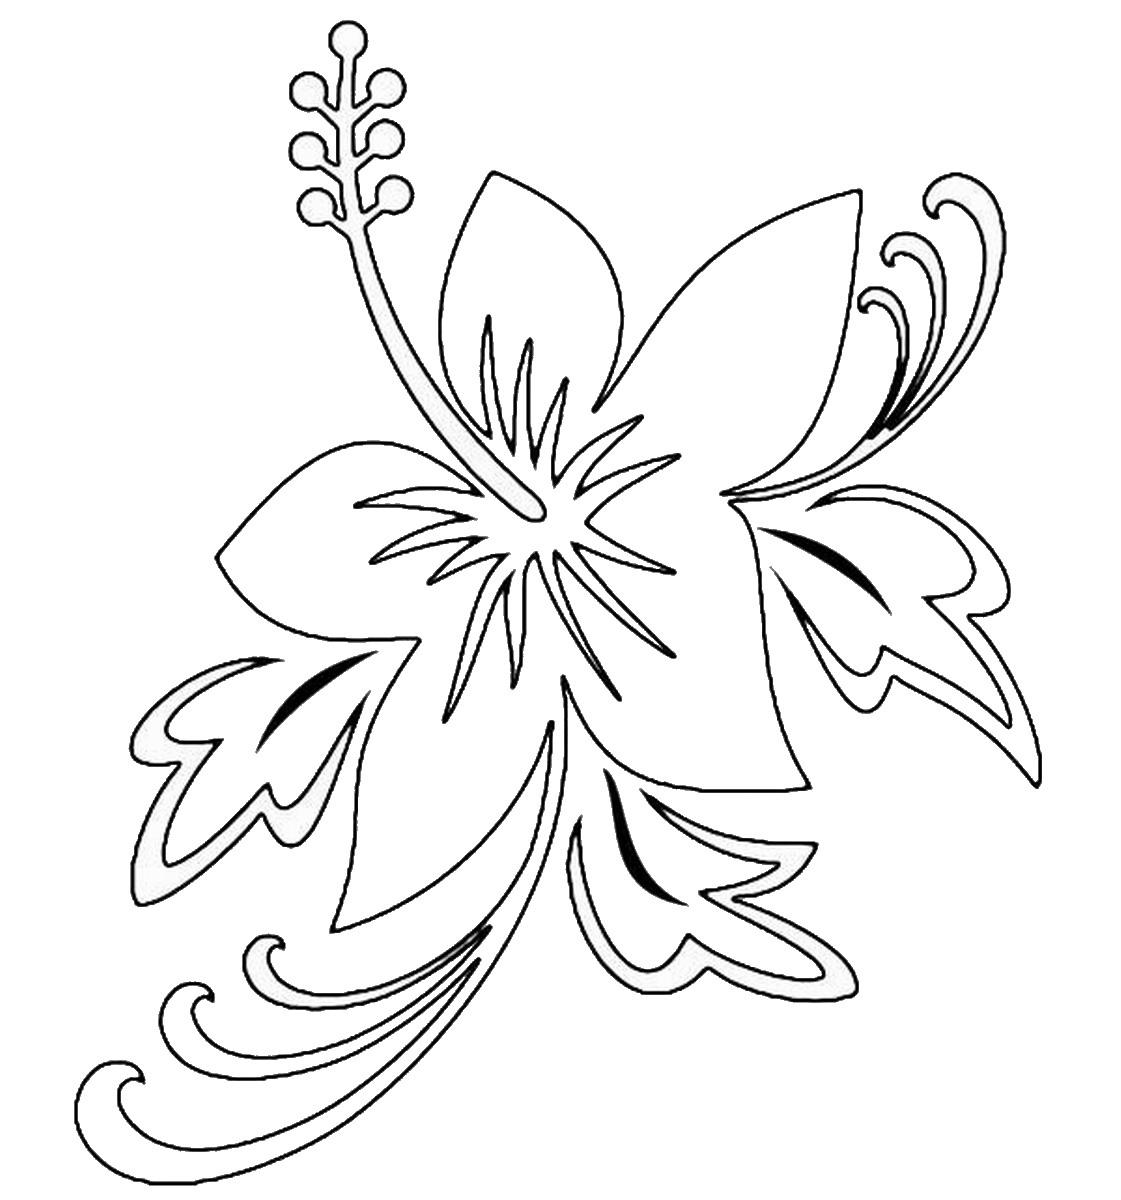 Lua coloring #9, Download drawings